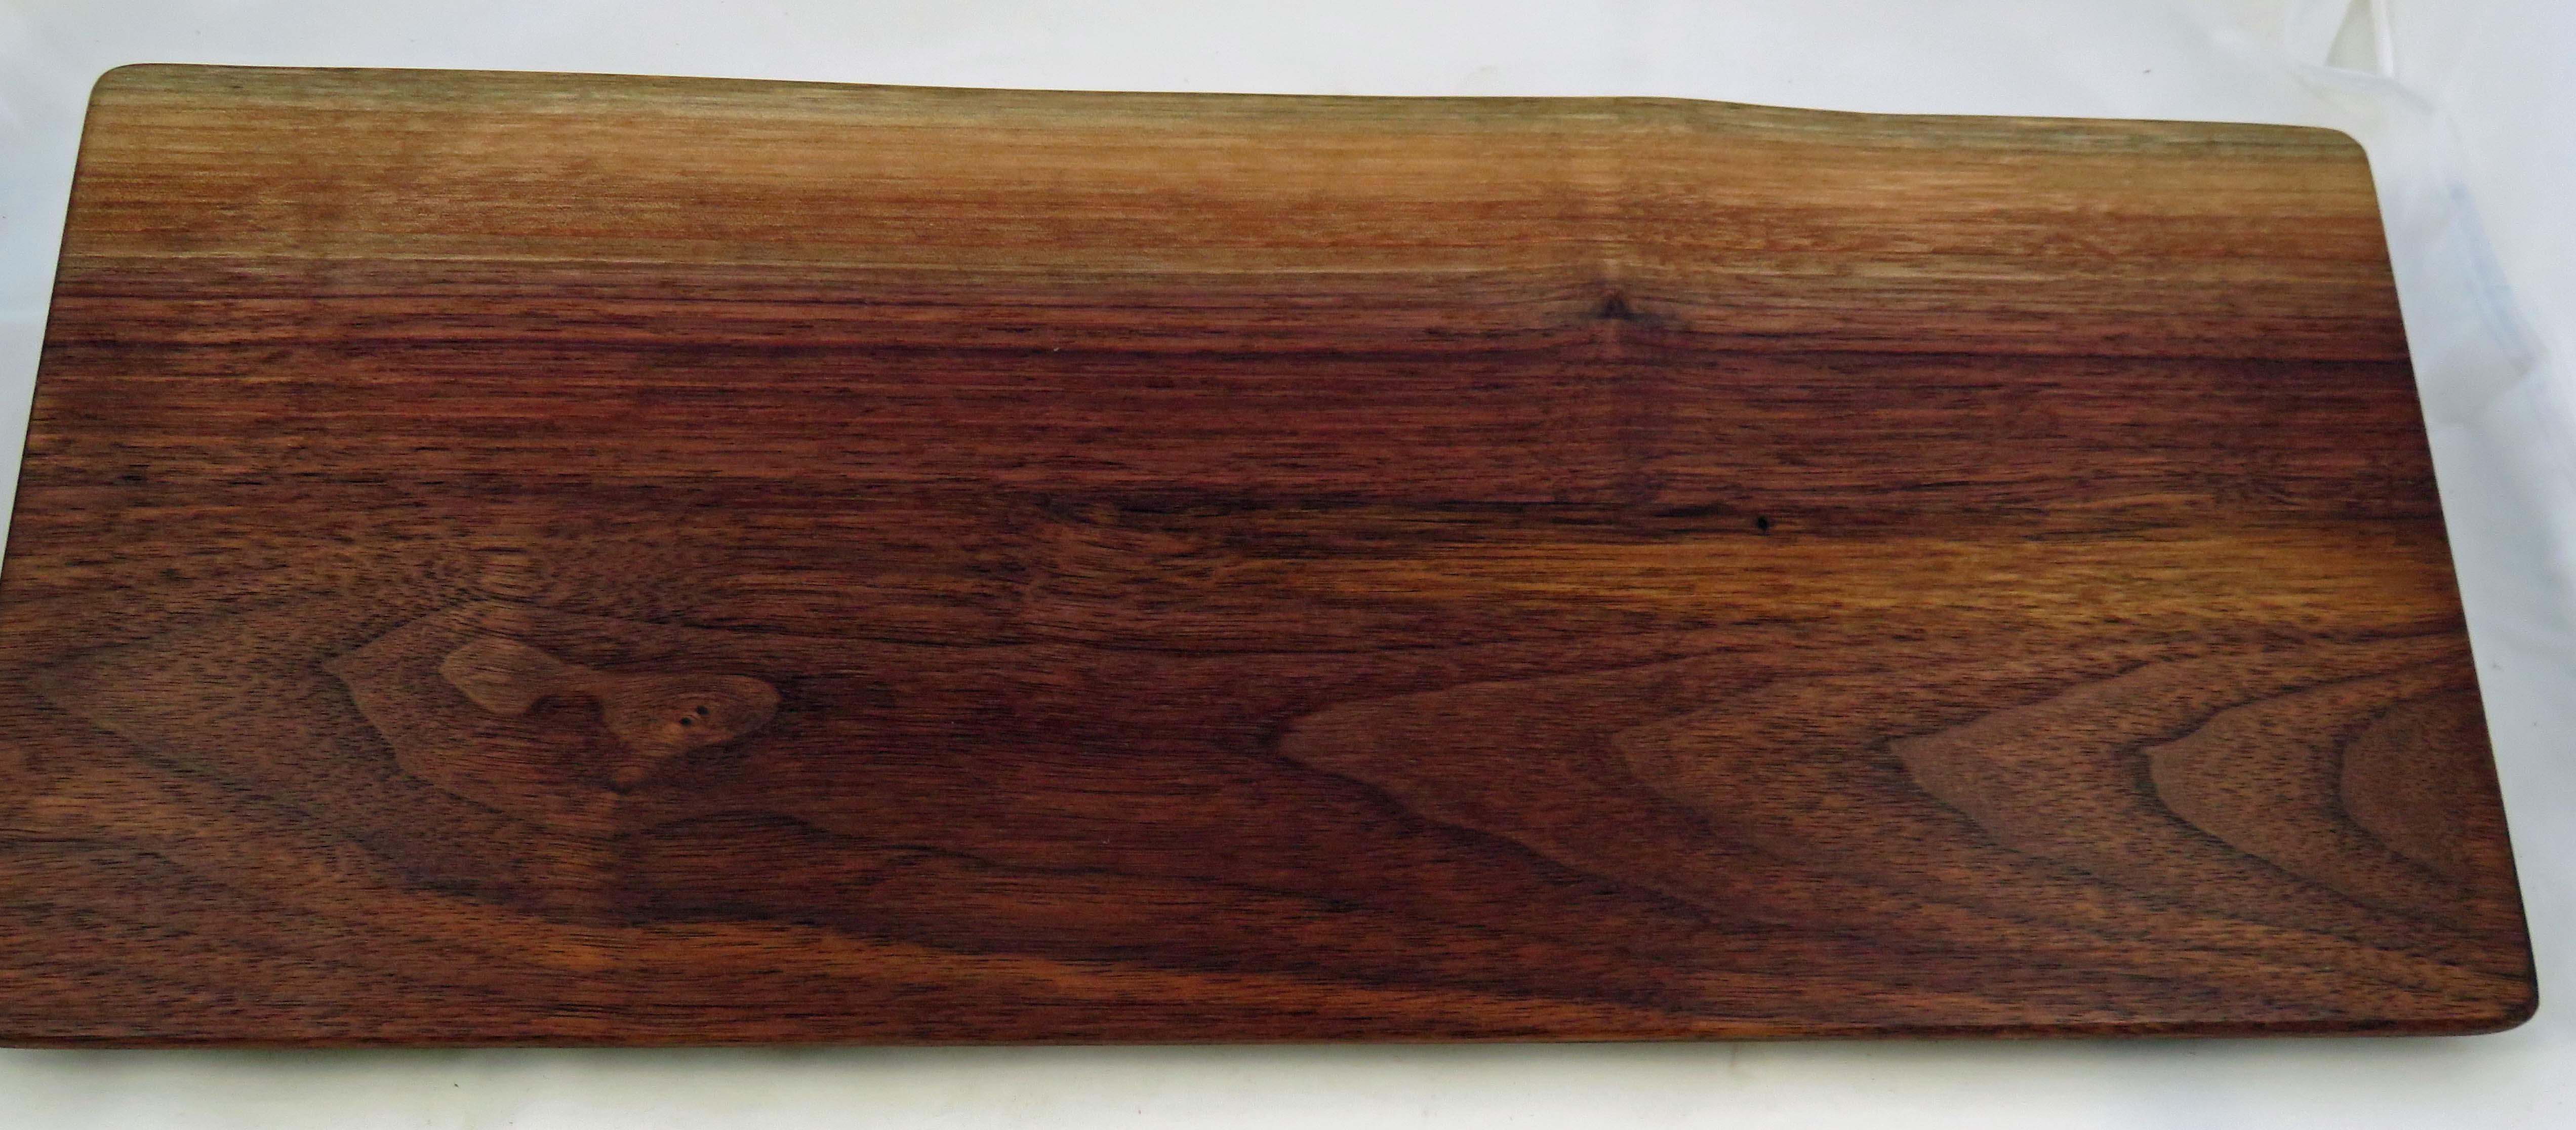 Board No. 423